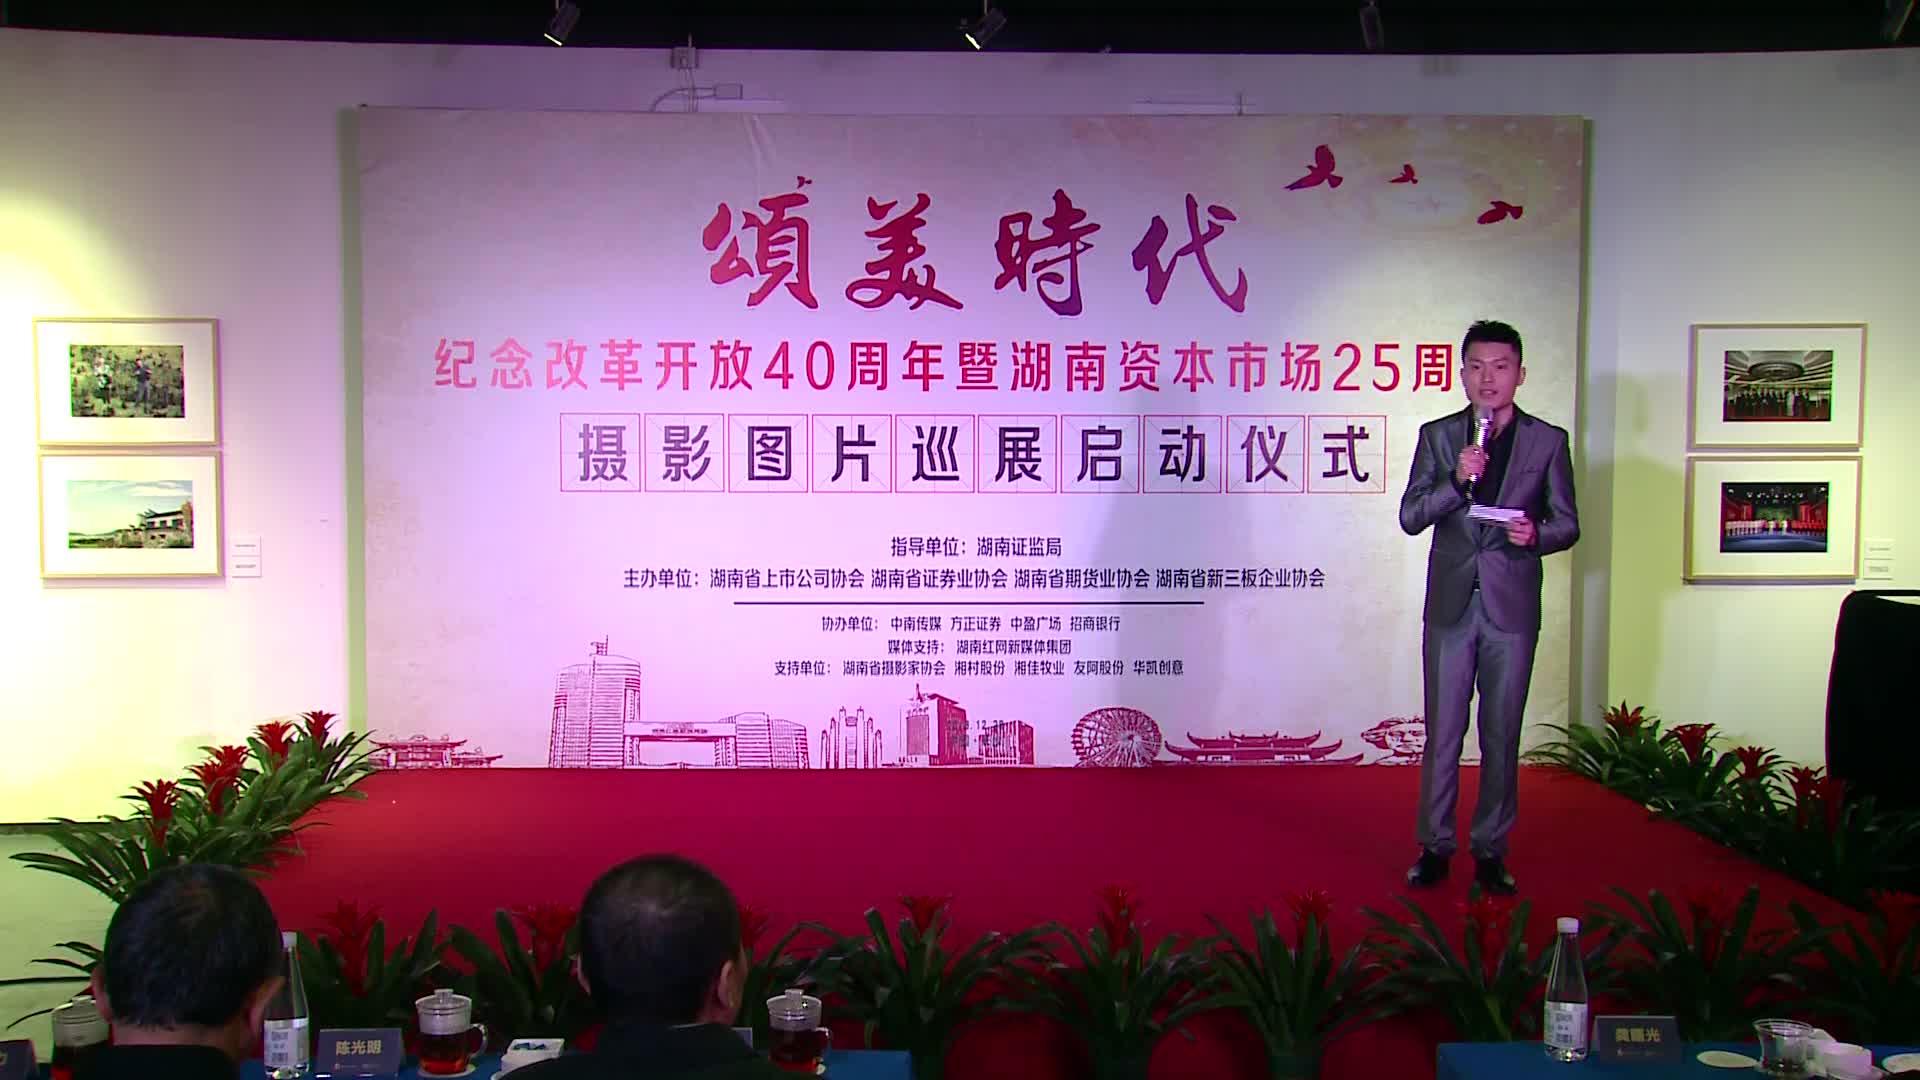 【全程回放】纪念改革开放40周年暨湖南资本市场25周年摄影图片巡展启动仪式